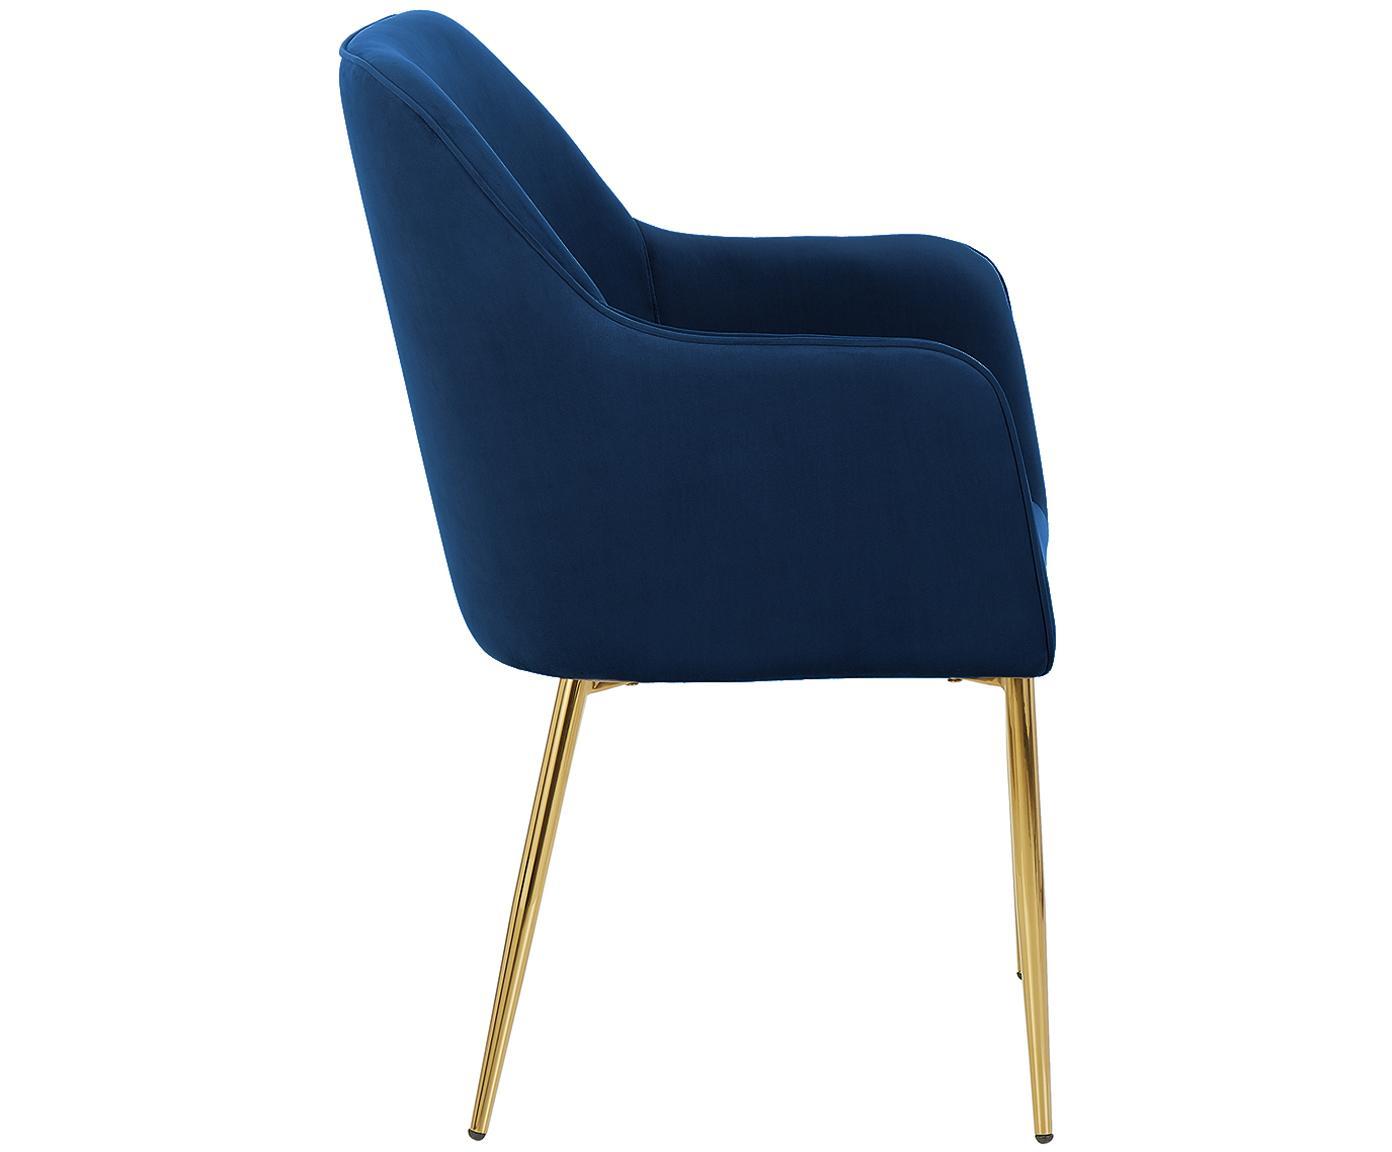 Krzesło z podłokietnikami  z aksamitu Ava, Tapicerka: aksamit (poliester) 5000, Nogi: metal galwanizowany, Ciemnyniebieski, S 57 x G 62 cm